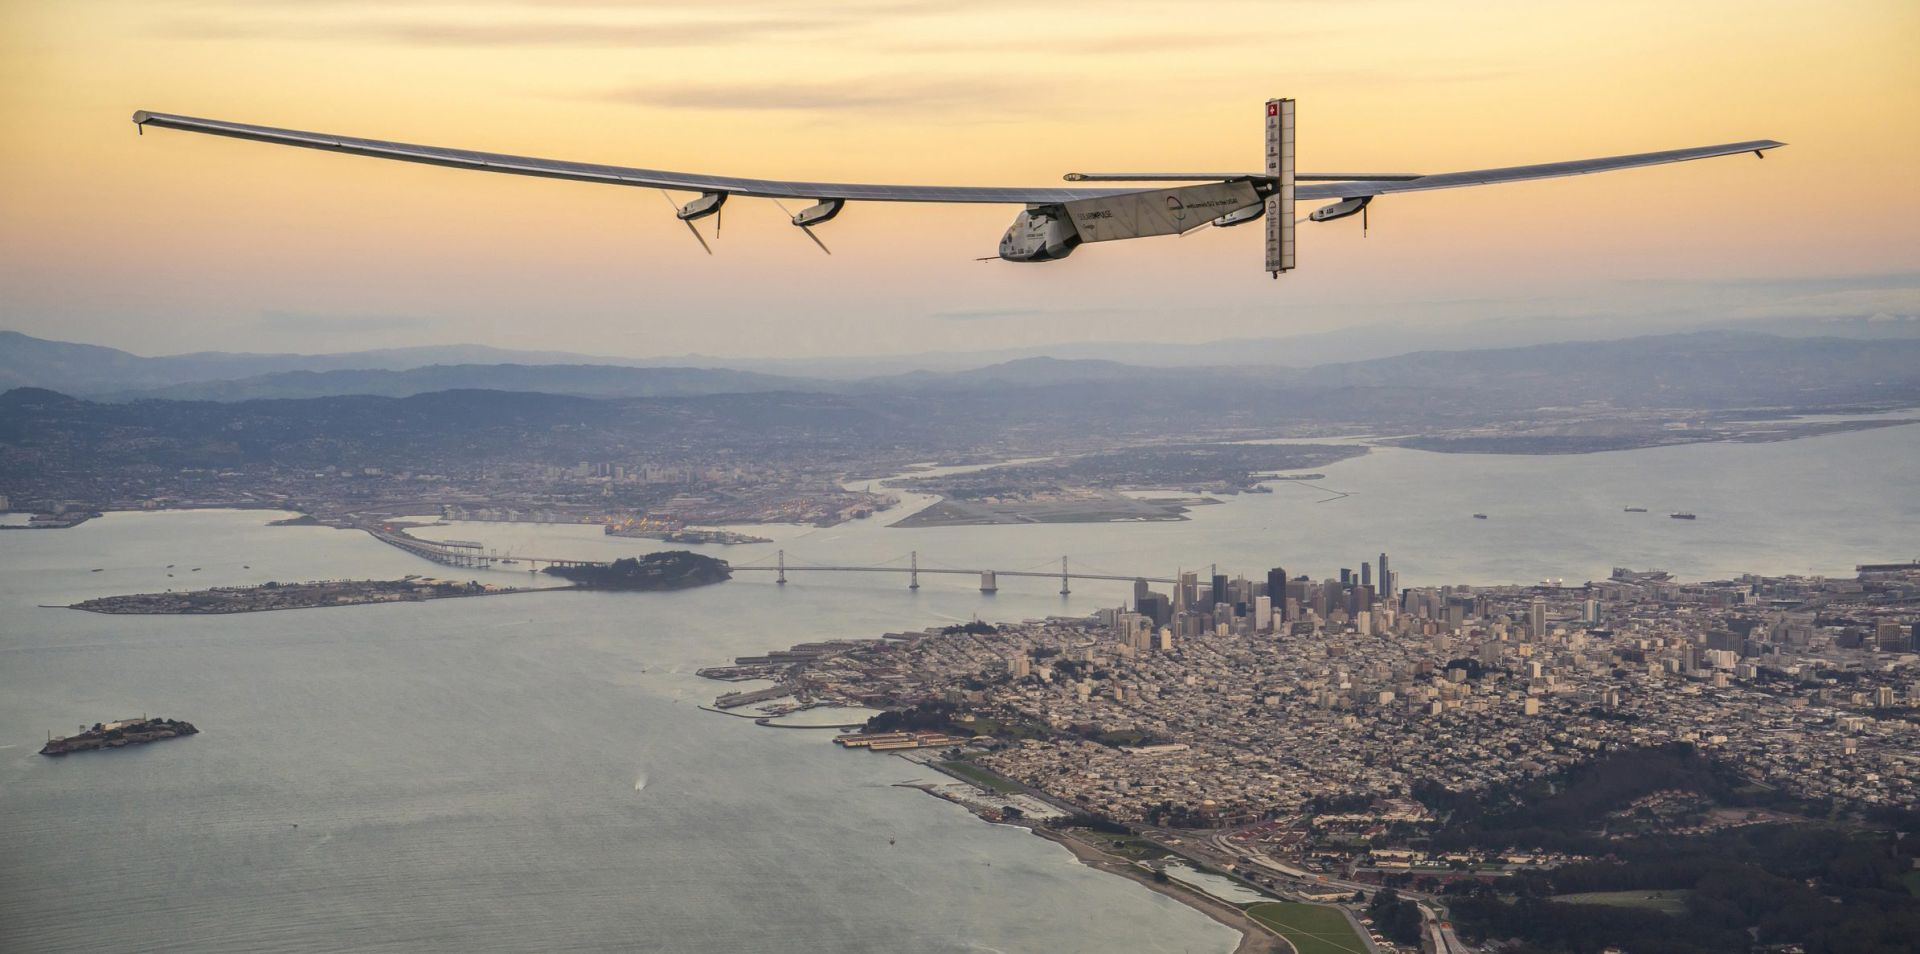 POVIJESNI LET: Solar Impulse 2 uspješno preletio 11. dionicu puta oko svijeta